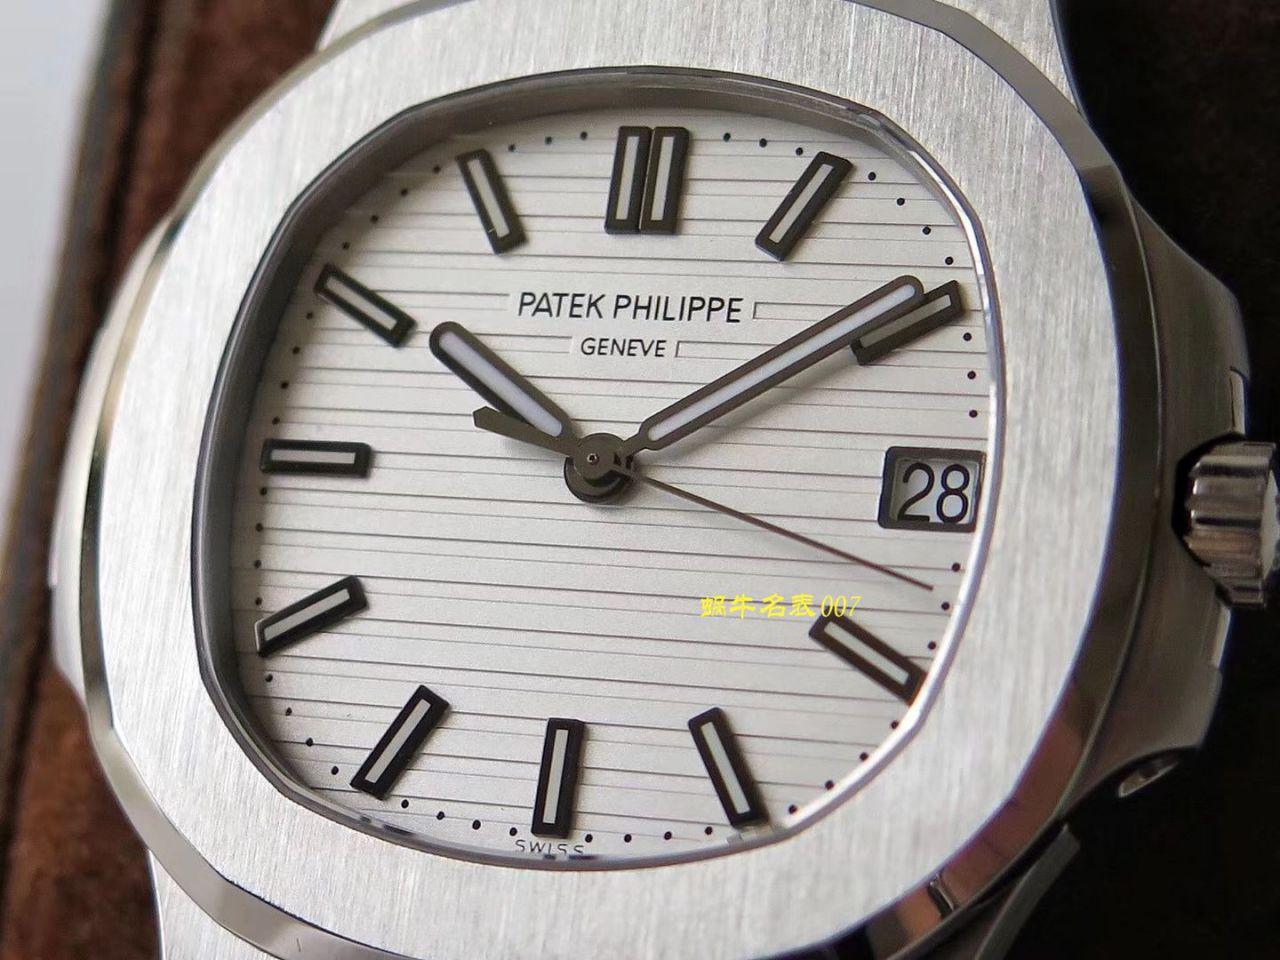 【视频评测PPF厂Patek Philippe复刻表】百达翡丽Nautilus鹦鹉螺运动系列5711/1A-011 / BD276